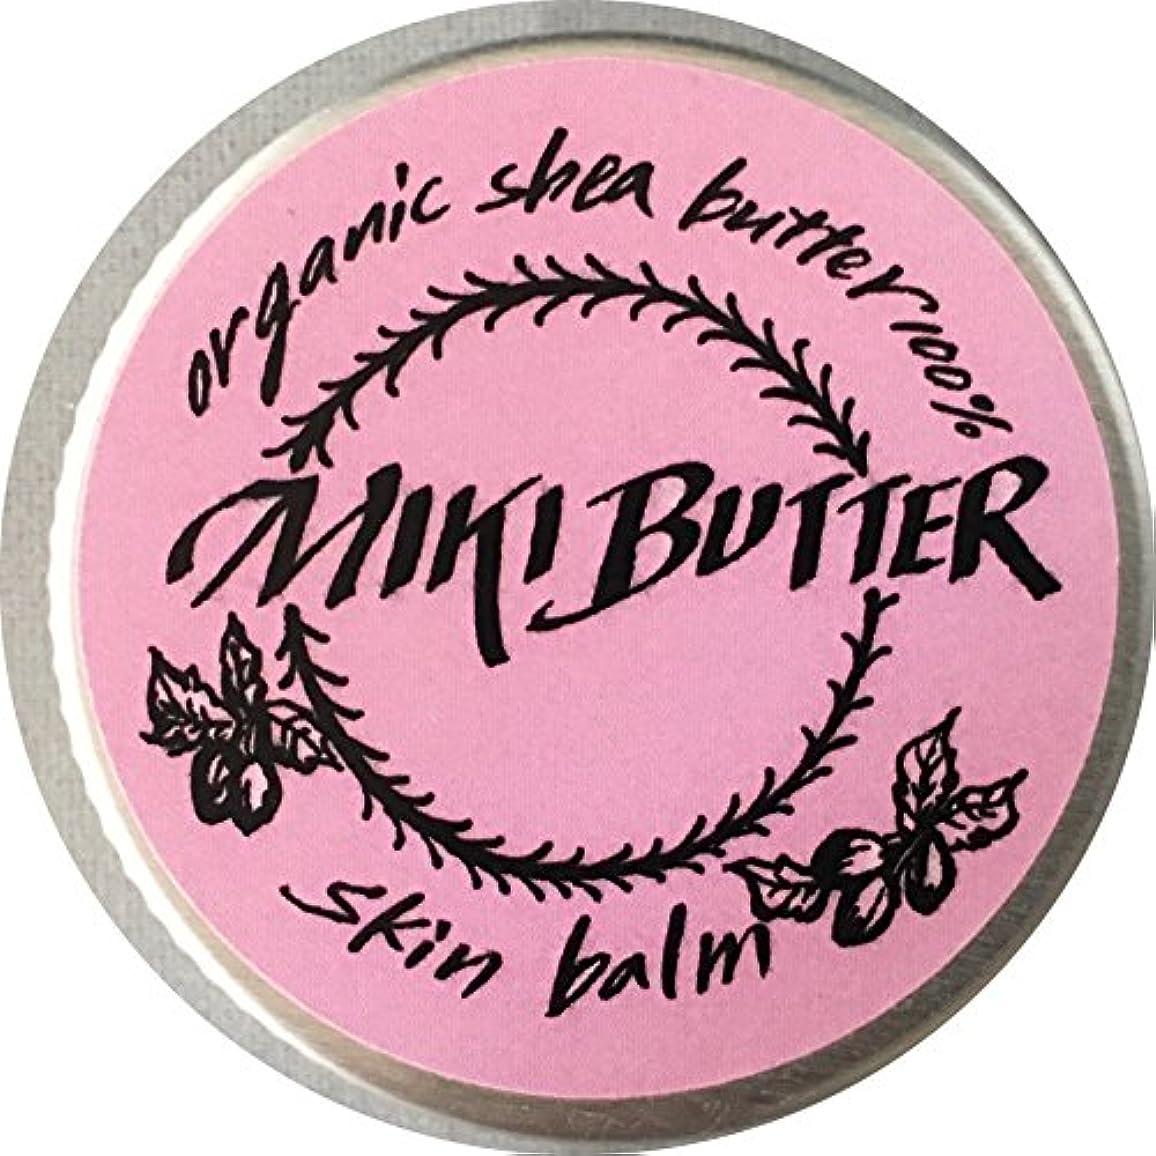 否認するアナログアサー100%天然 未精製シアバター ミキバター (ゼラニウム, 15)